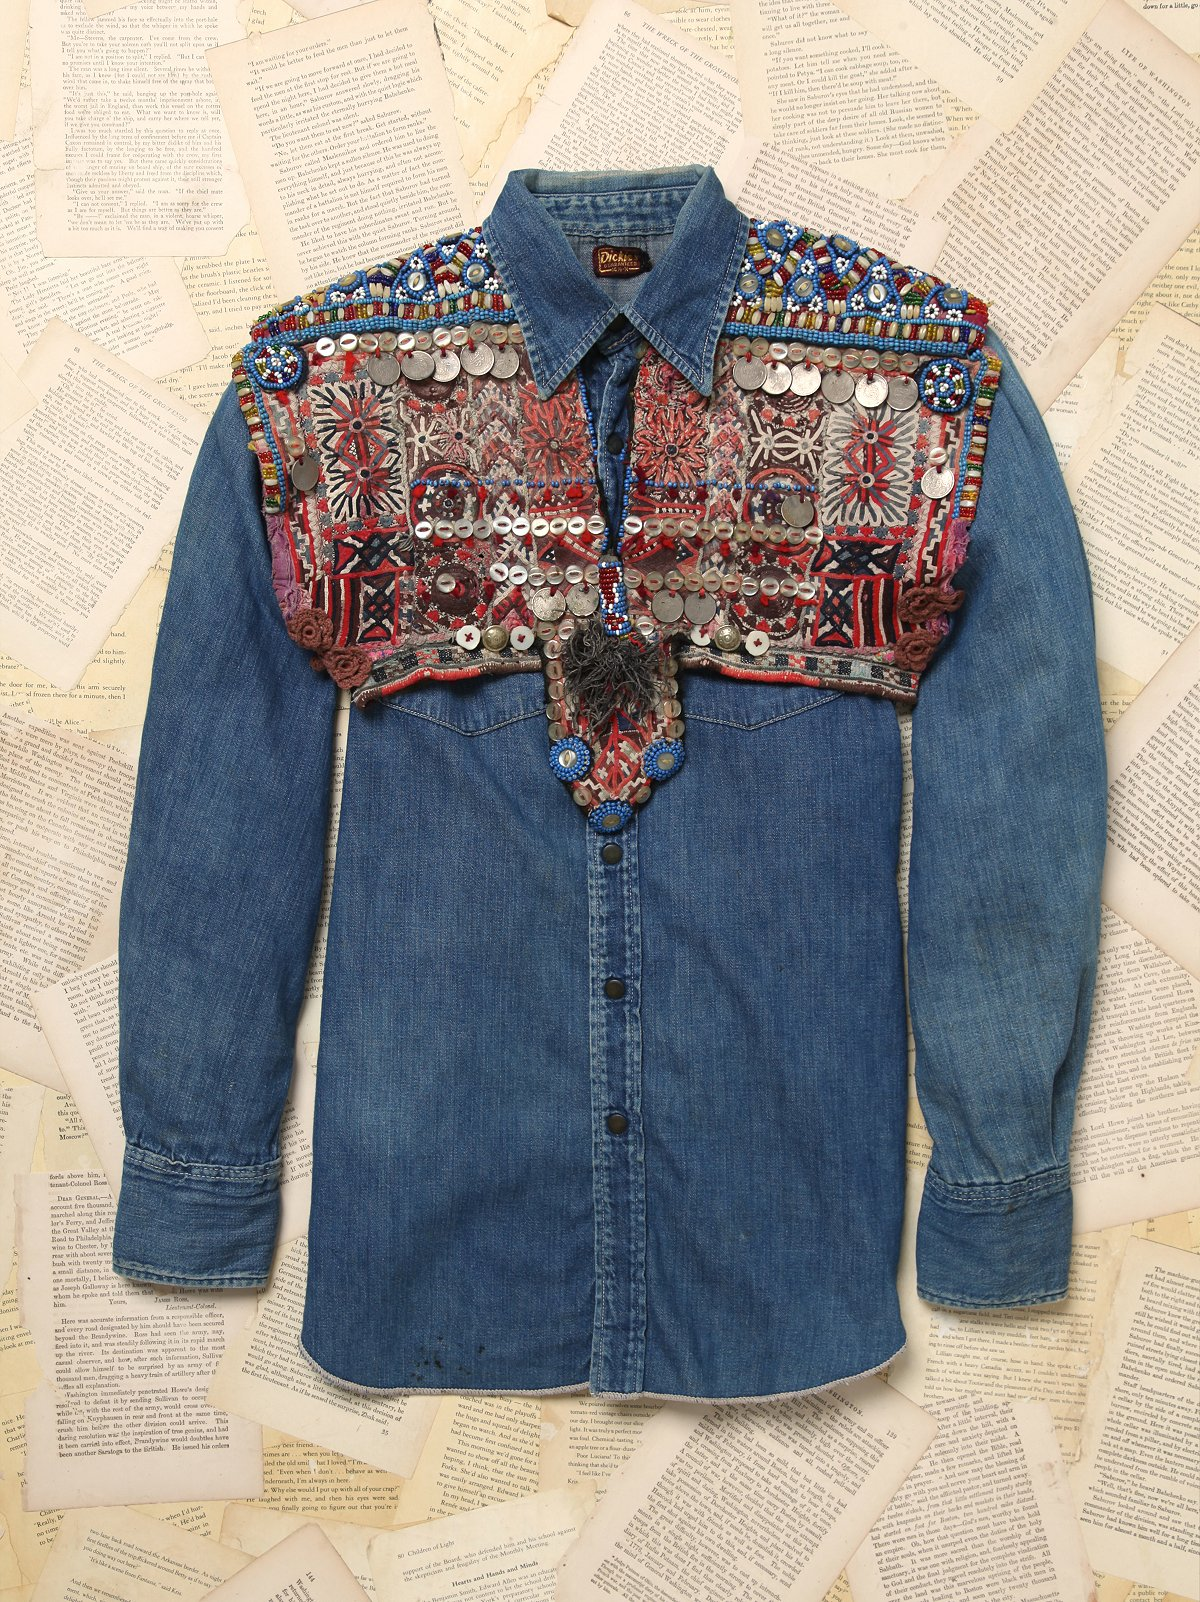 Vintage Denim Shirt with Embellished Bolero